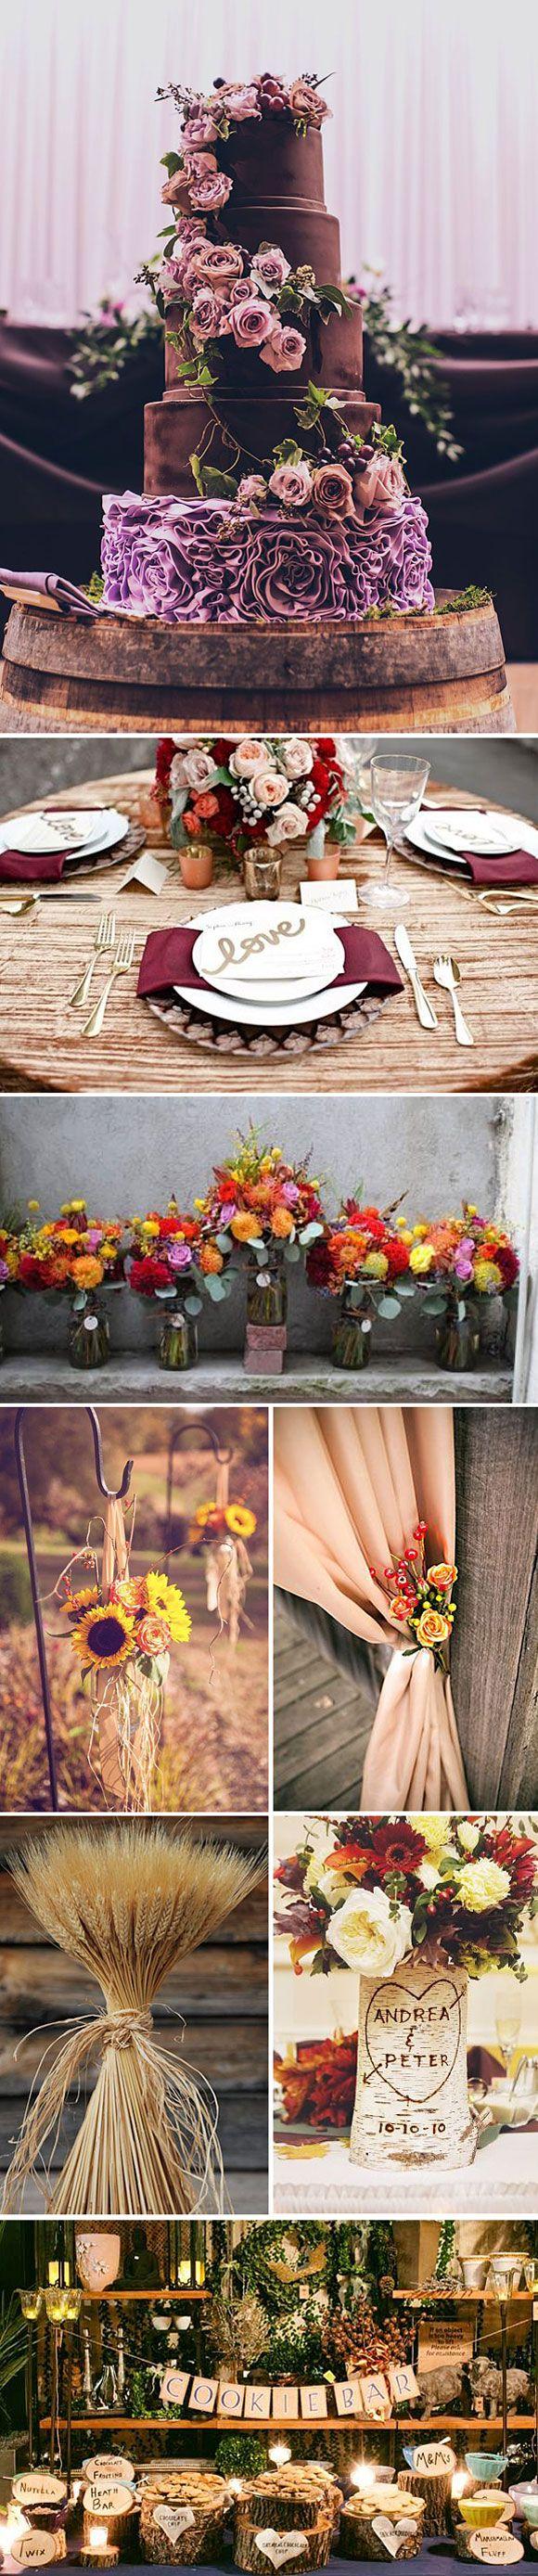 Decoración de bodas y eventos en Otoño